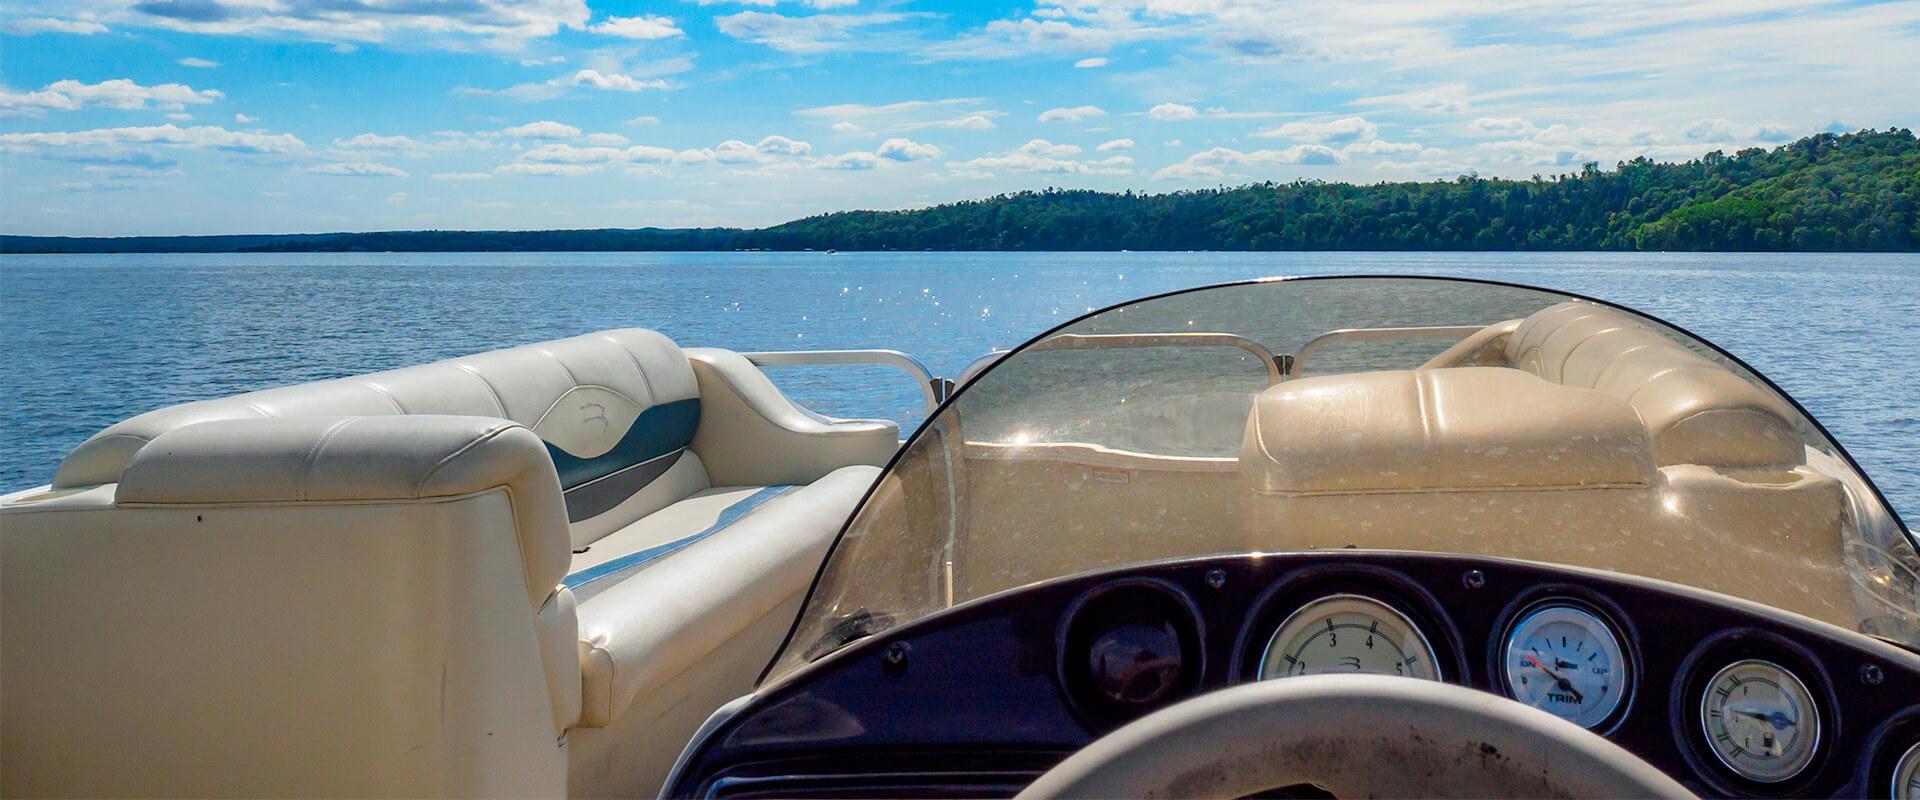 Smoky Mountain Lake Adventures on Douglas Lake